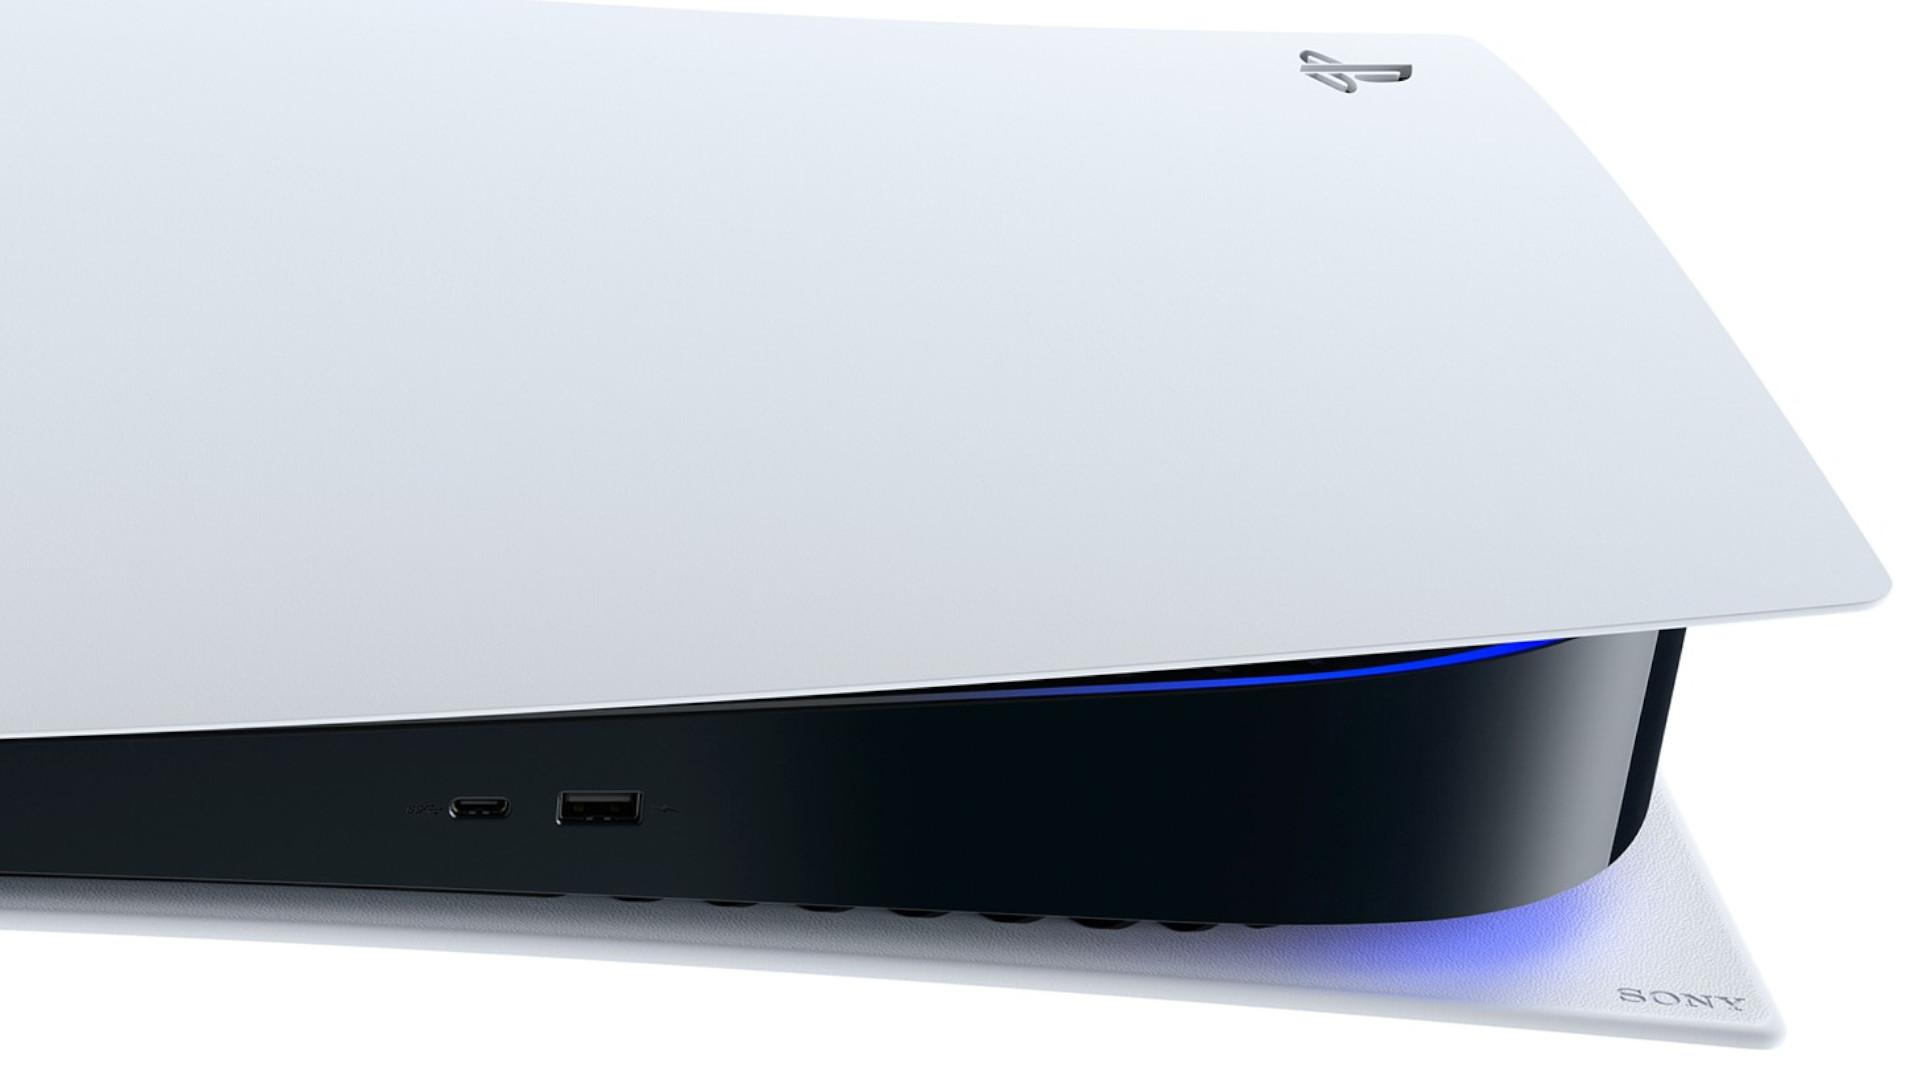 Il consumo di PlayStation 5 è inferiore a quello di PlayStation 4 Pro